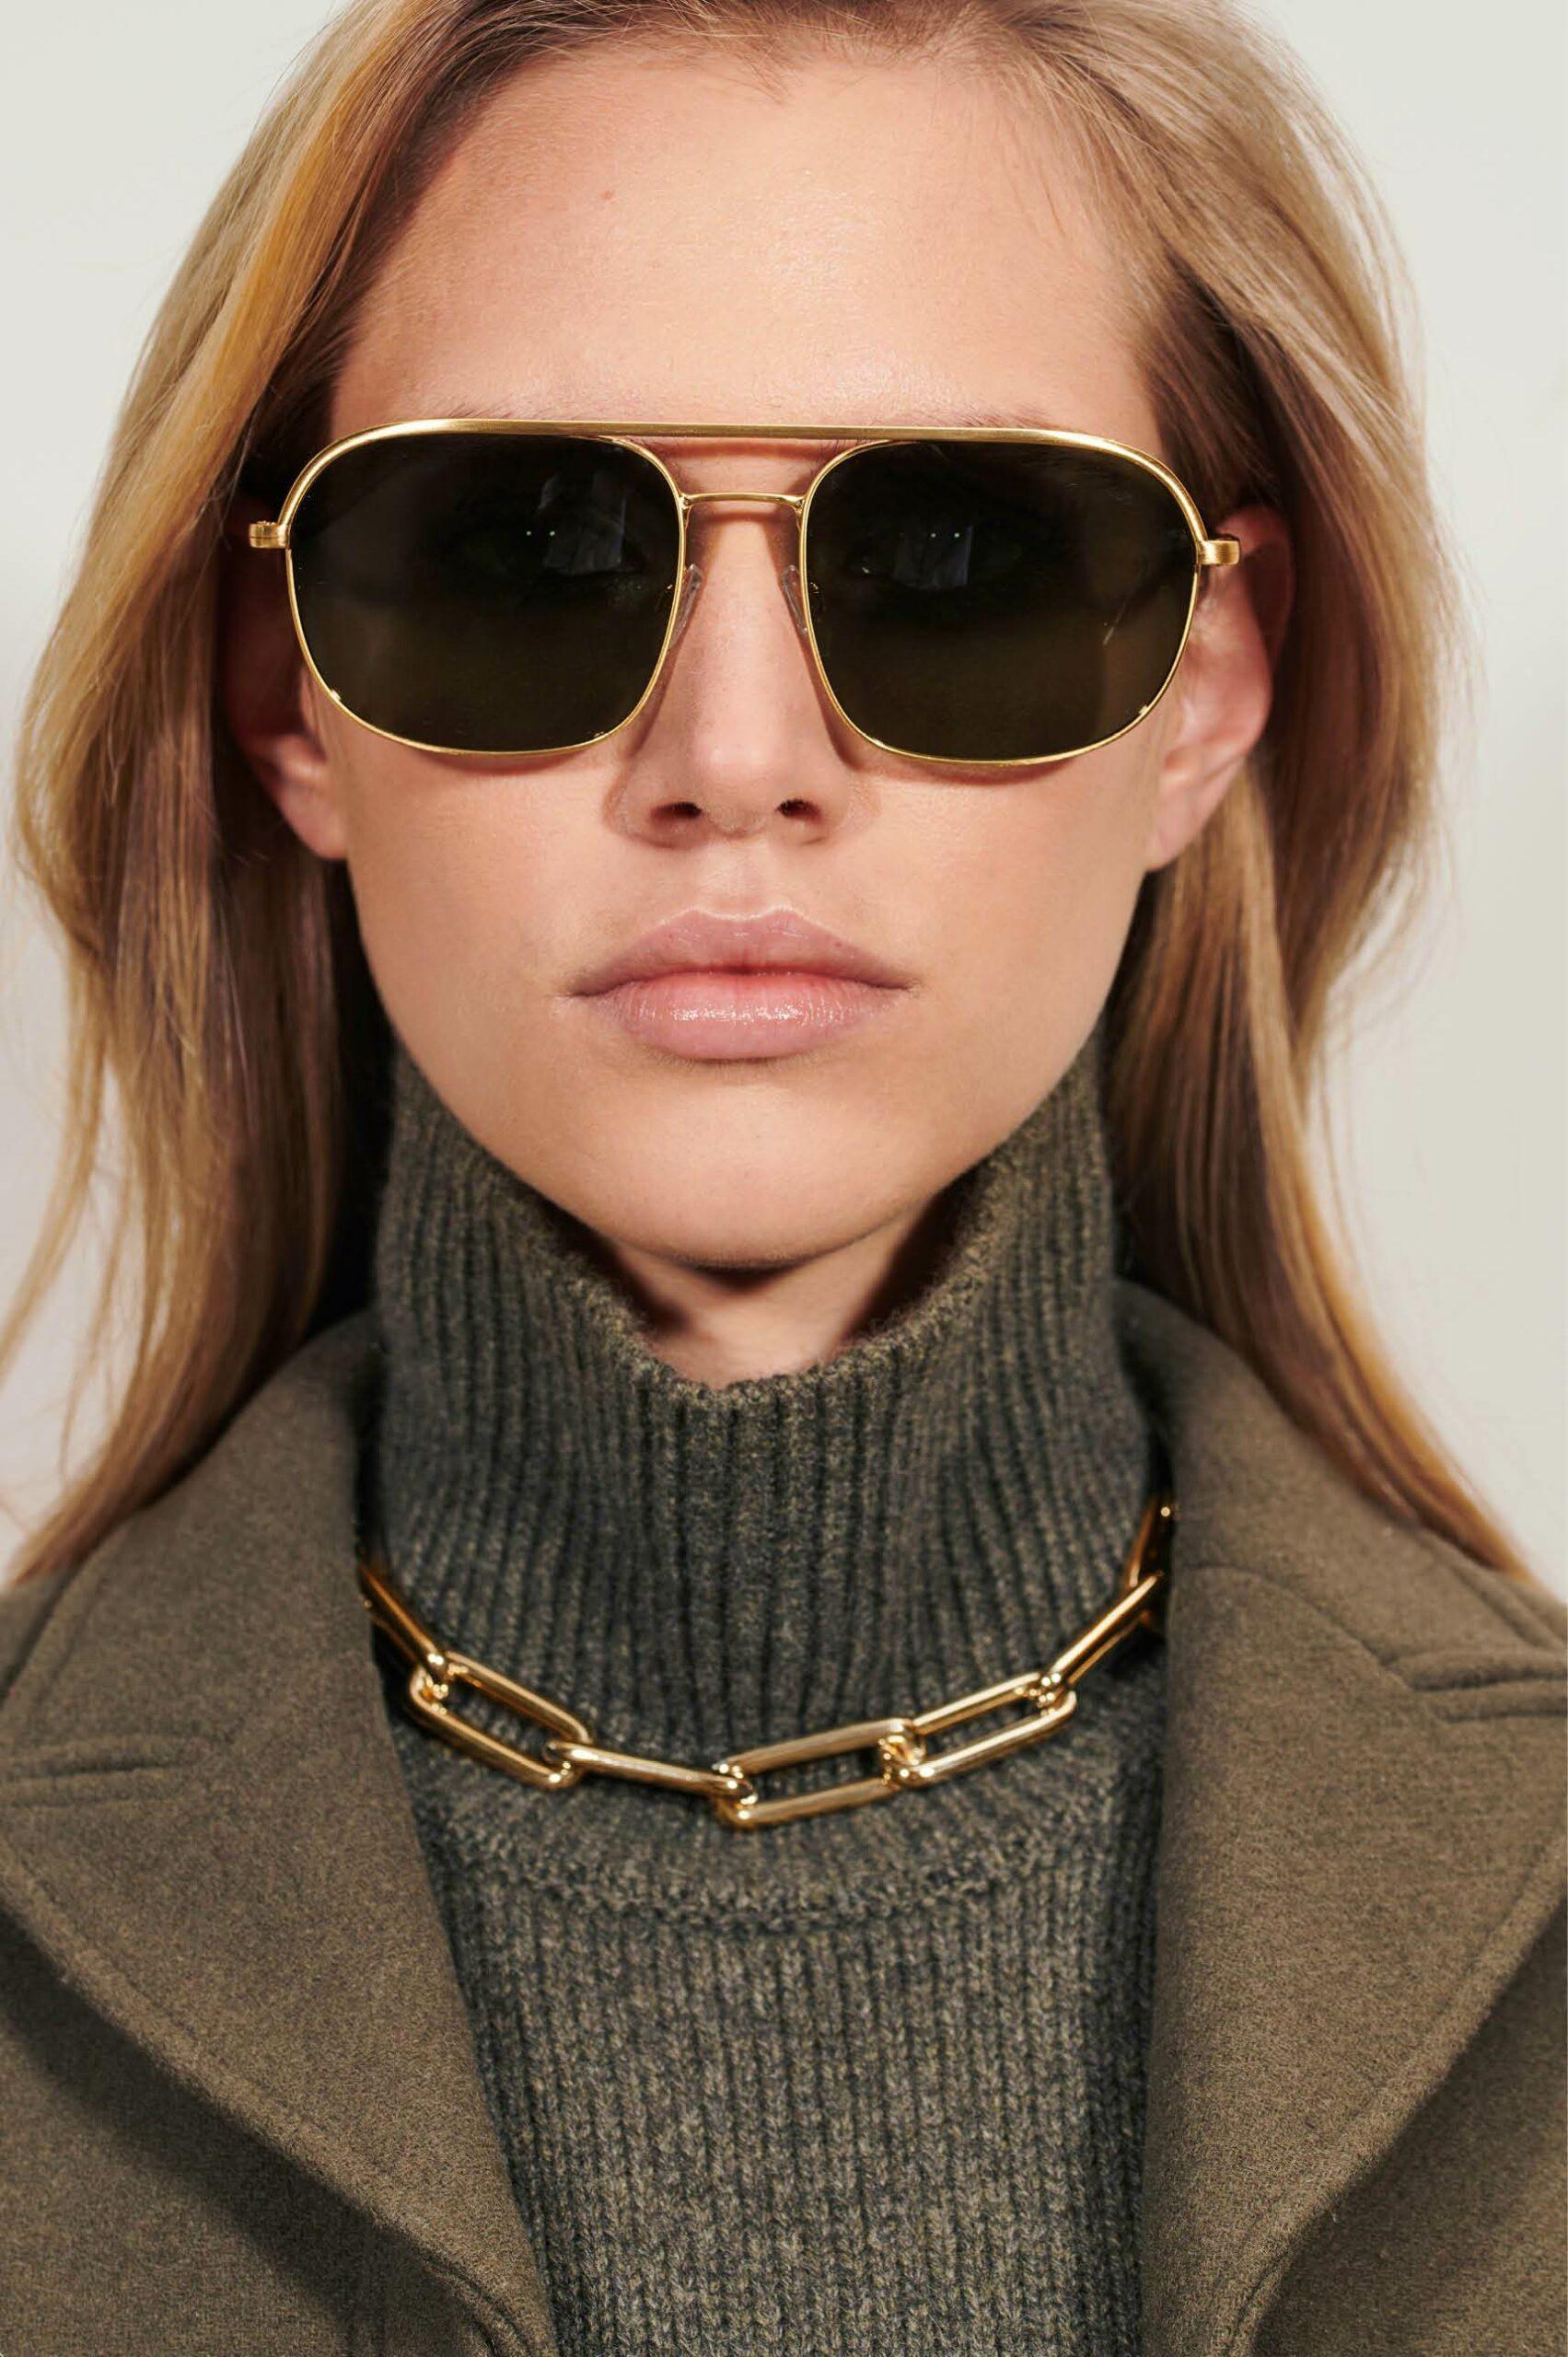 Sonnenbrille Highland, Anine Bing